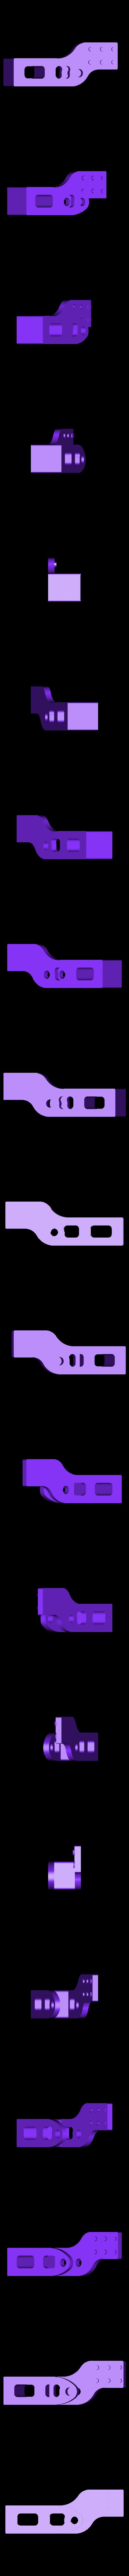 Link_Support_Frame.STL Download free STL file 4-8-8-4 Big Boy Locomotive • 3D printer object, RaymondDeLuca